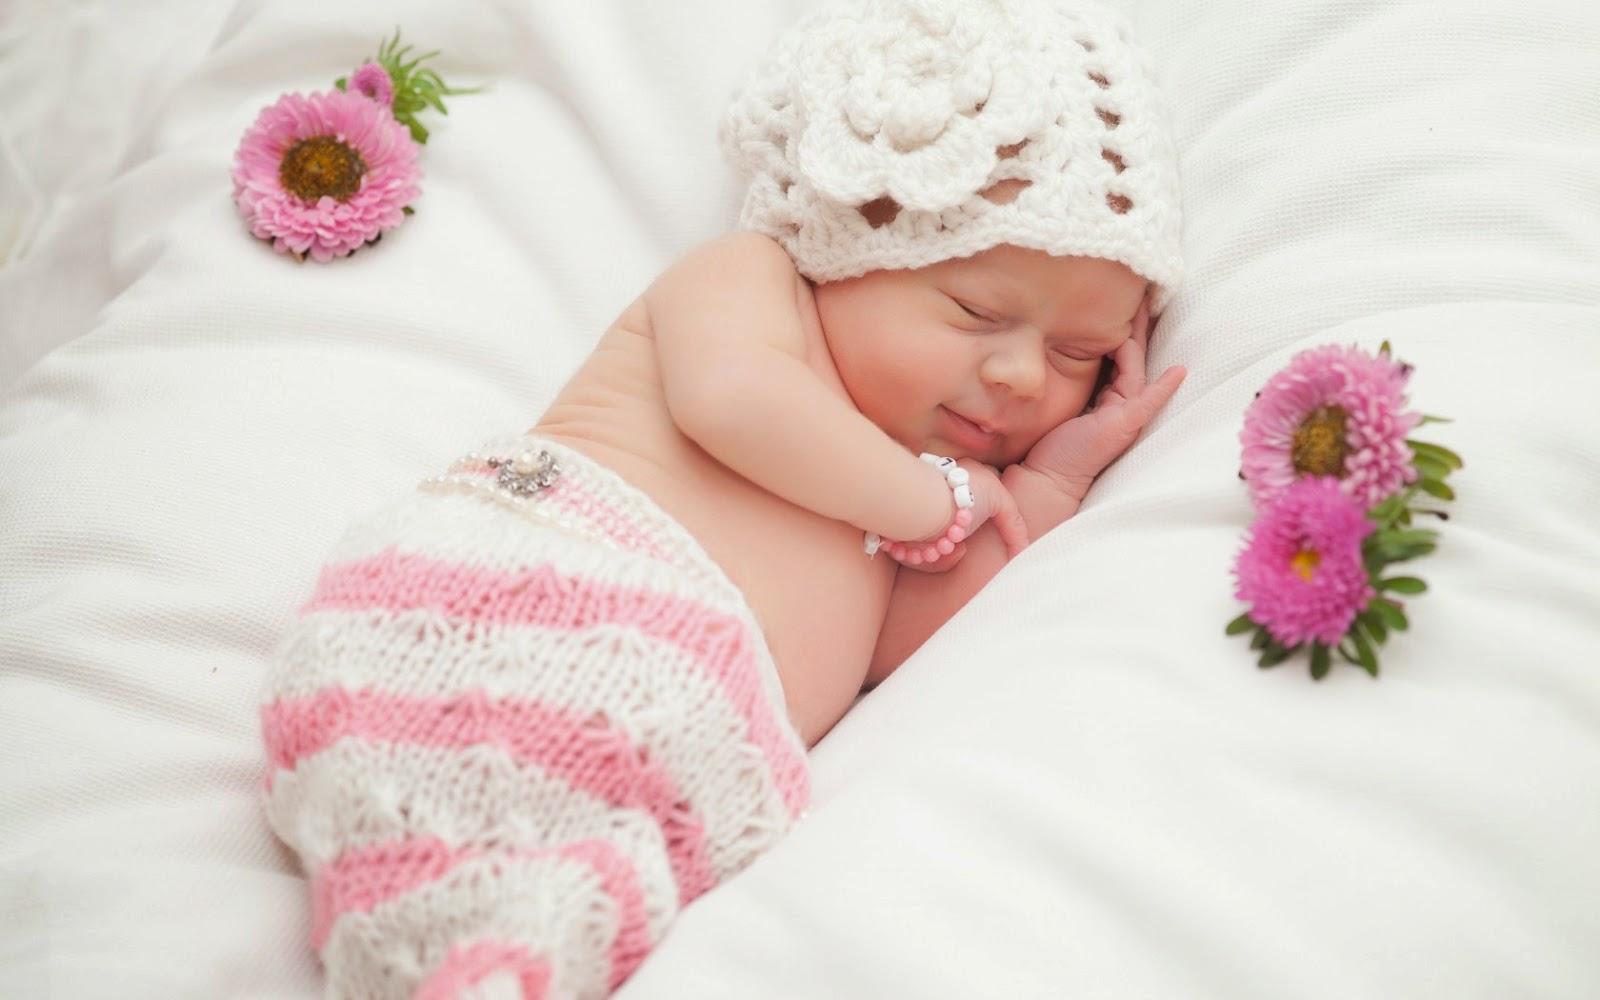 صورة ماذا افعل في الشهر التاسع لتسهيل الولاده , من اجل ولاده اسهل